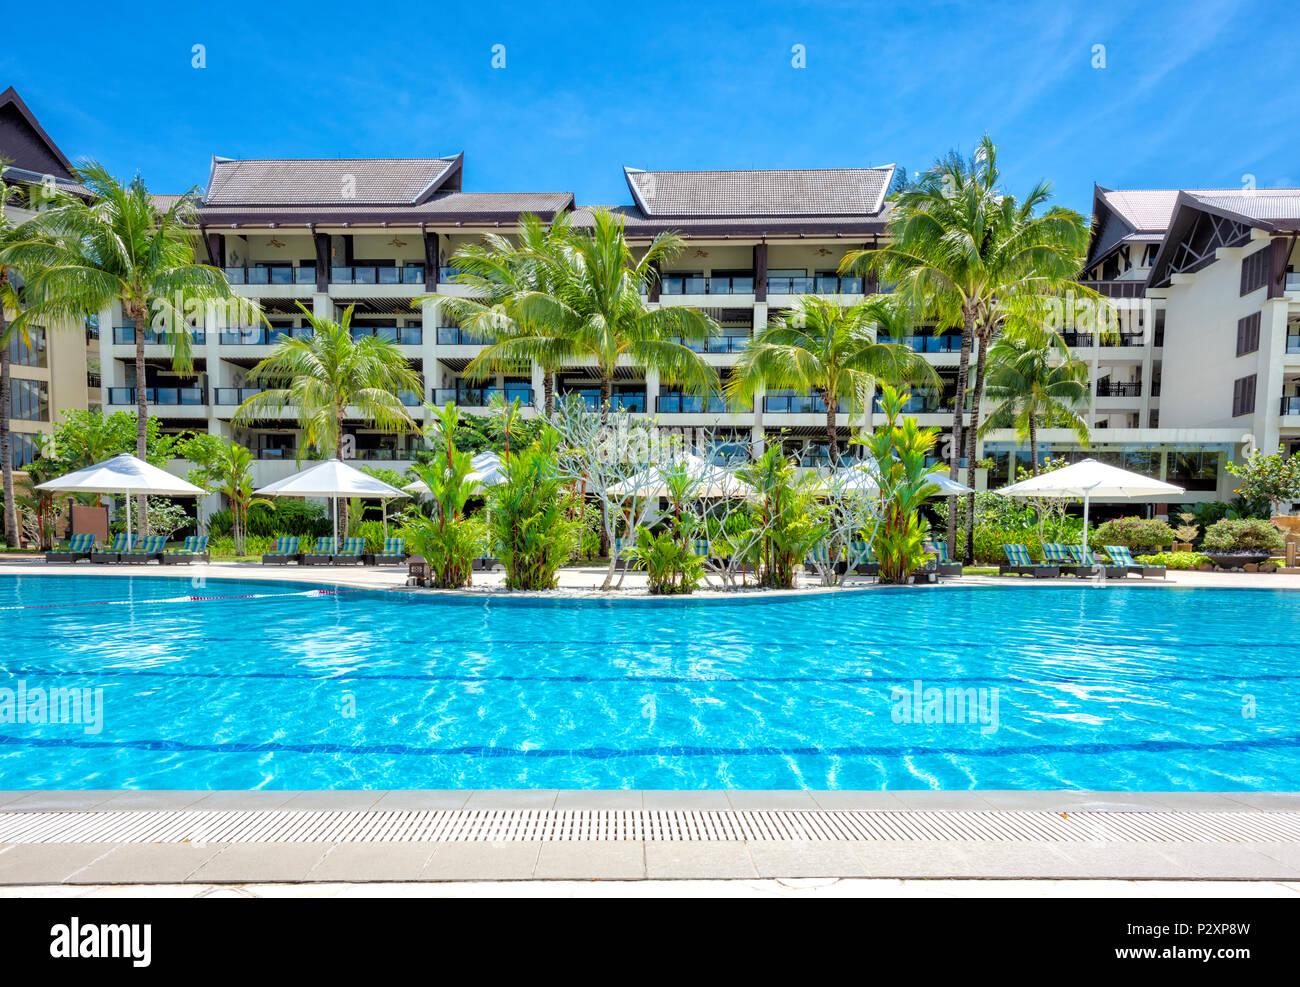 Svuotare piscina esterna allo Shangri La Rasa Ria Hotel e Resort in Kota Kinabalu, Borneo Malaysia Immagini Stock